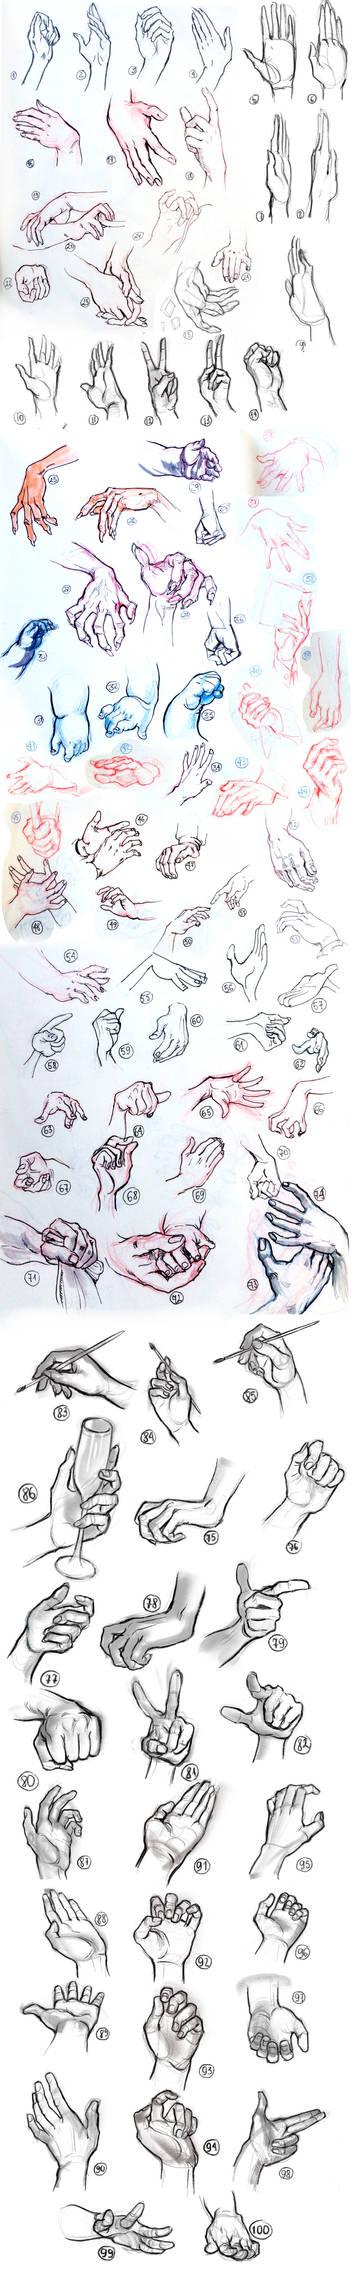 100 Hands Challenge